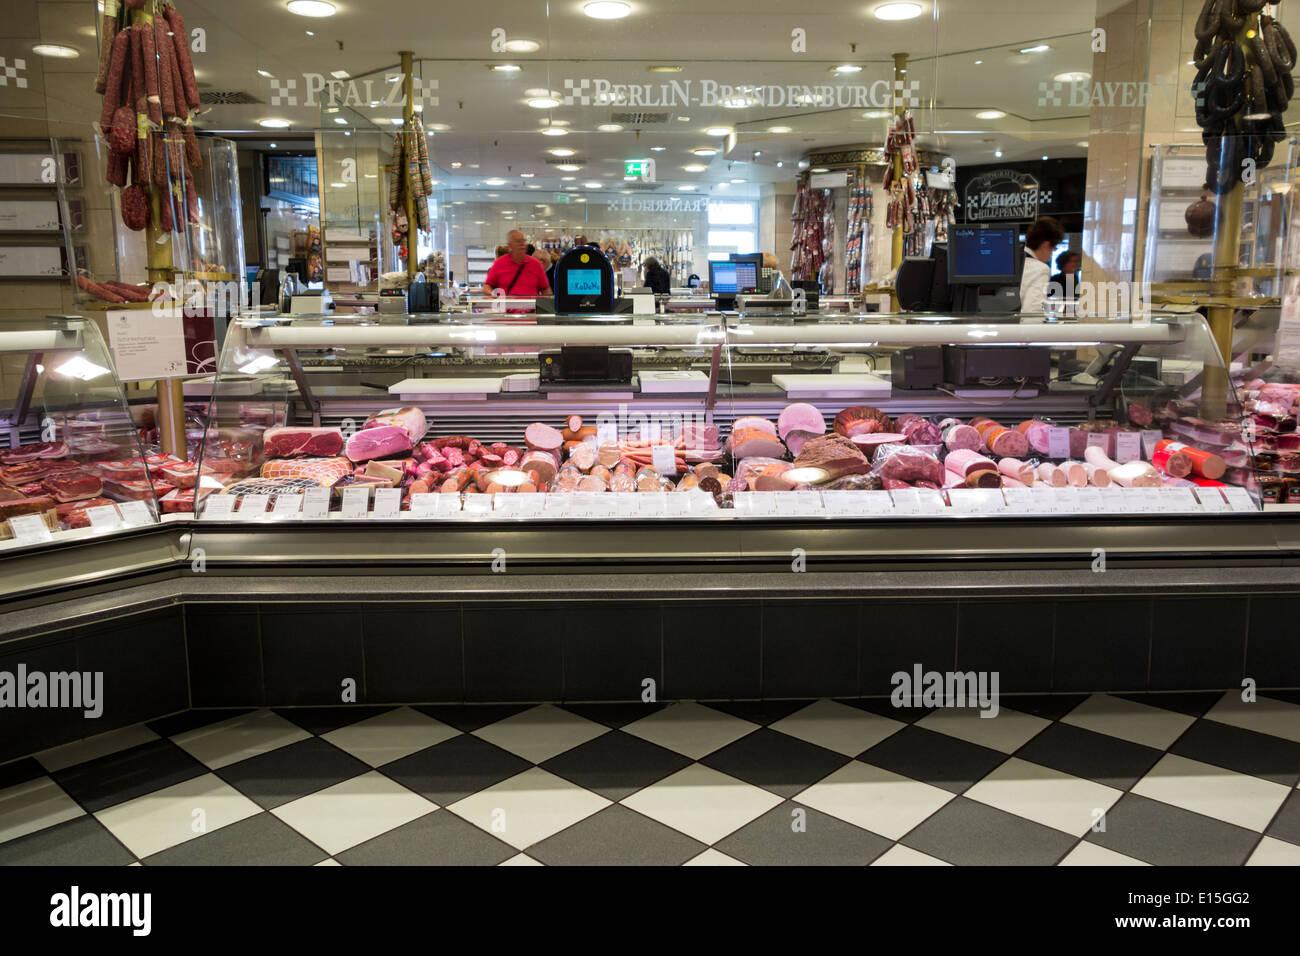 schweinefleisch metzgerei stand in der lebensmittel halle des kaufhauses kadewe in berlin. Black Bedroom Furniture Sets. Home Design Ideas